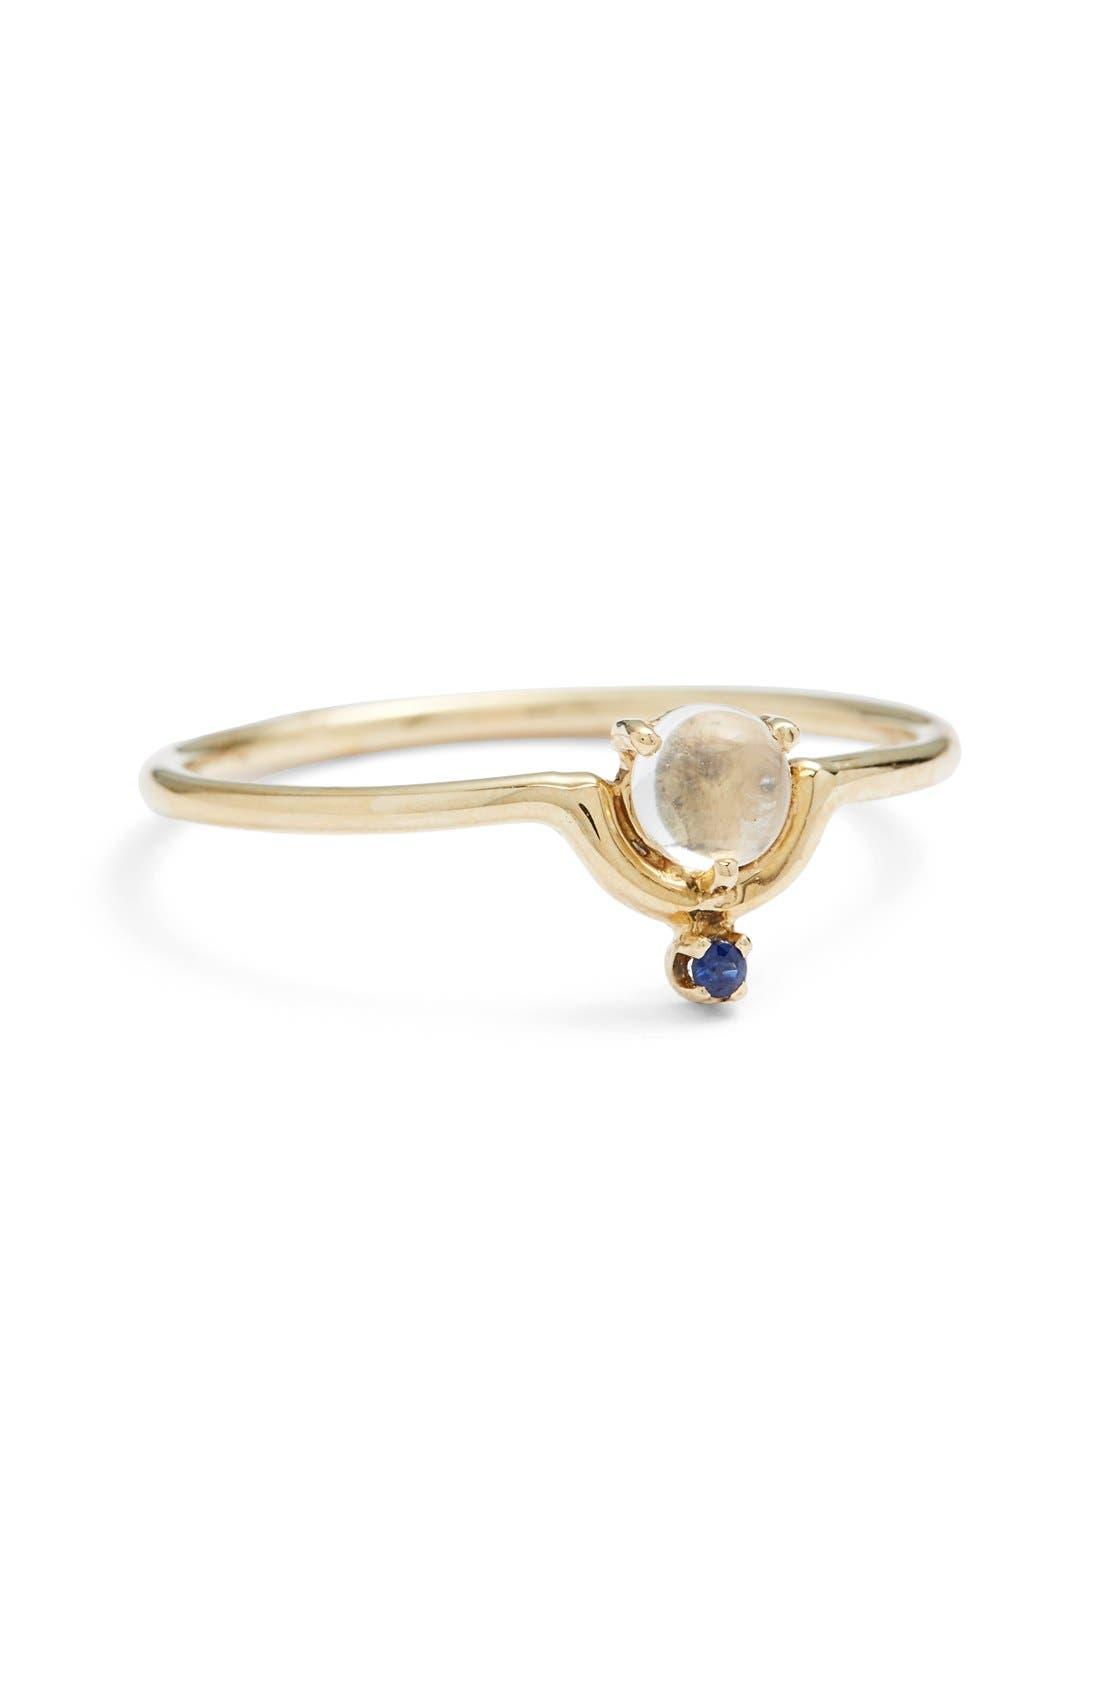 Alternate Image 1 Selected - WWAKE Nestled Moonstone & Sapphire Ring